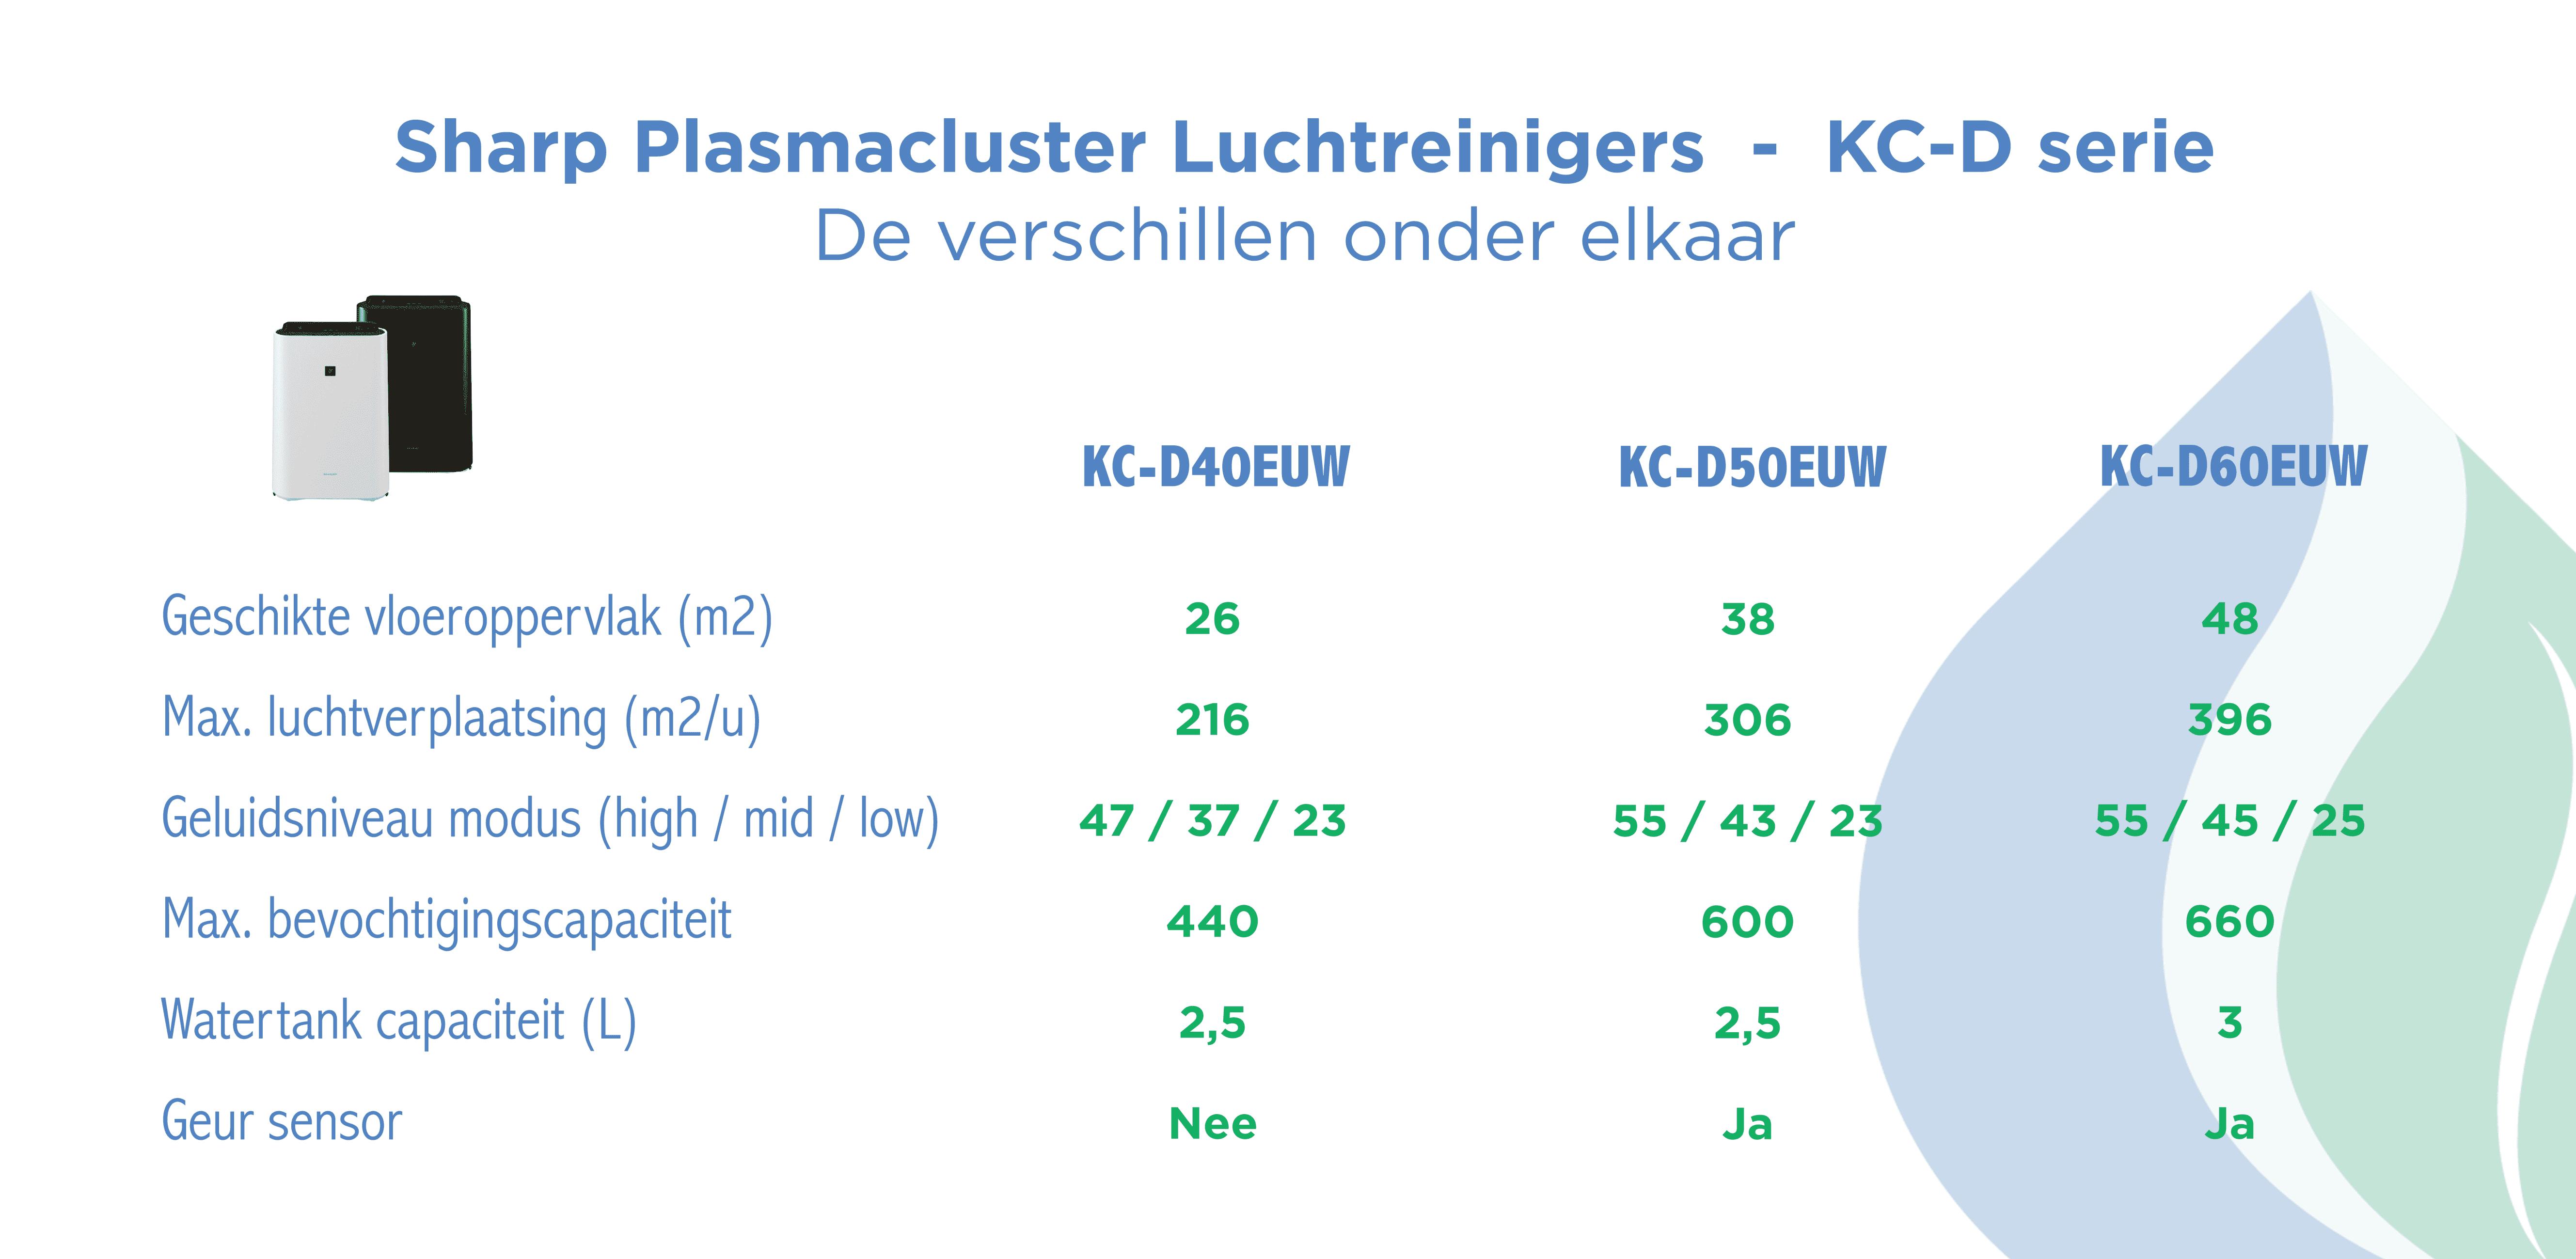 Sharp plasmacluster luchtreiniger KC-D serie verschillen